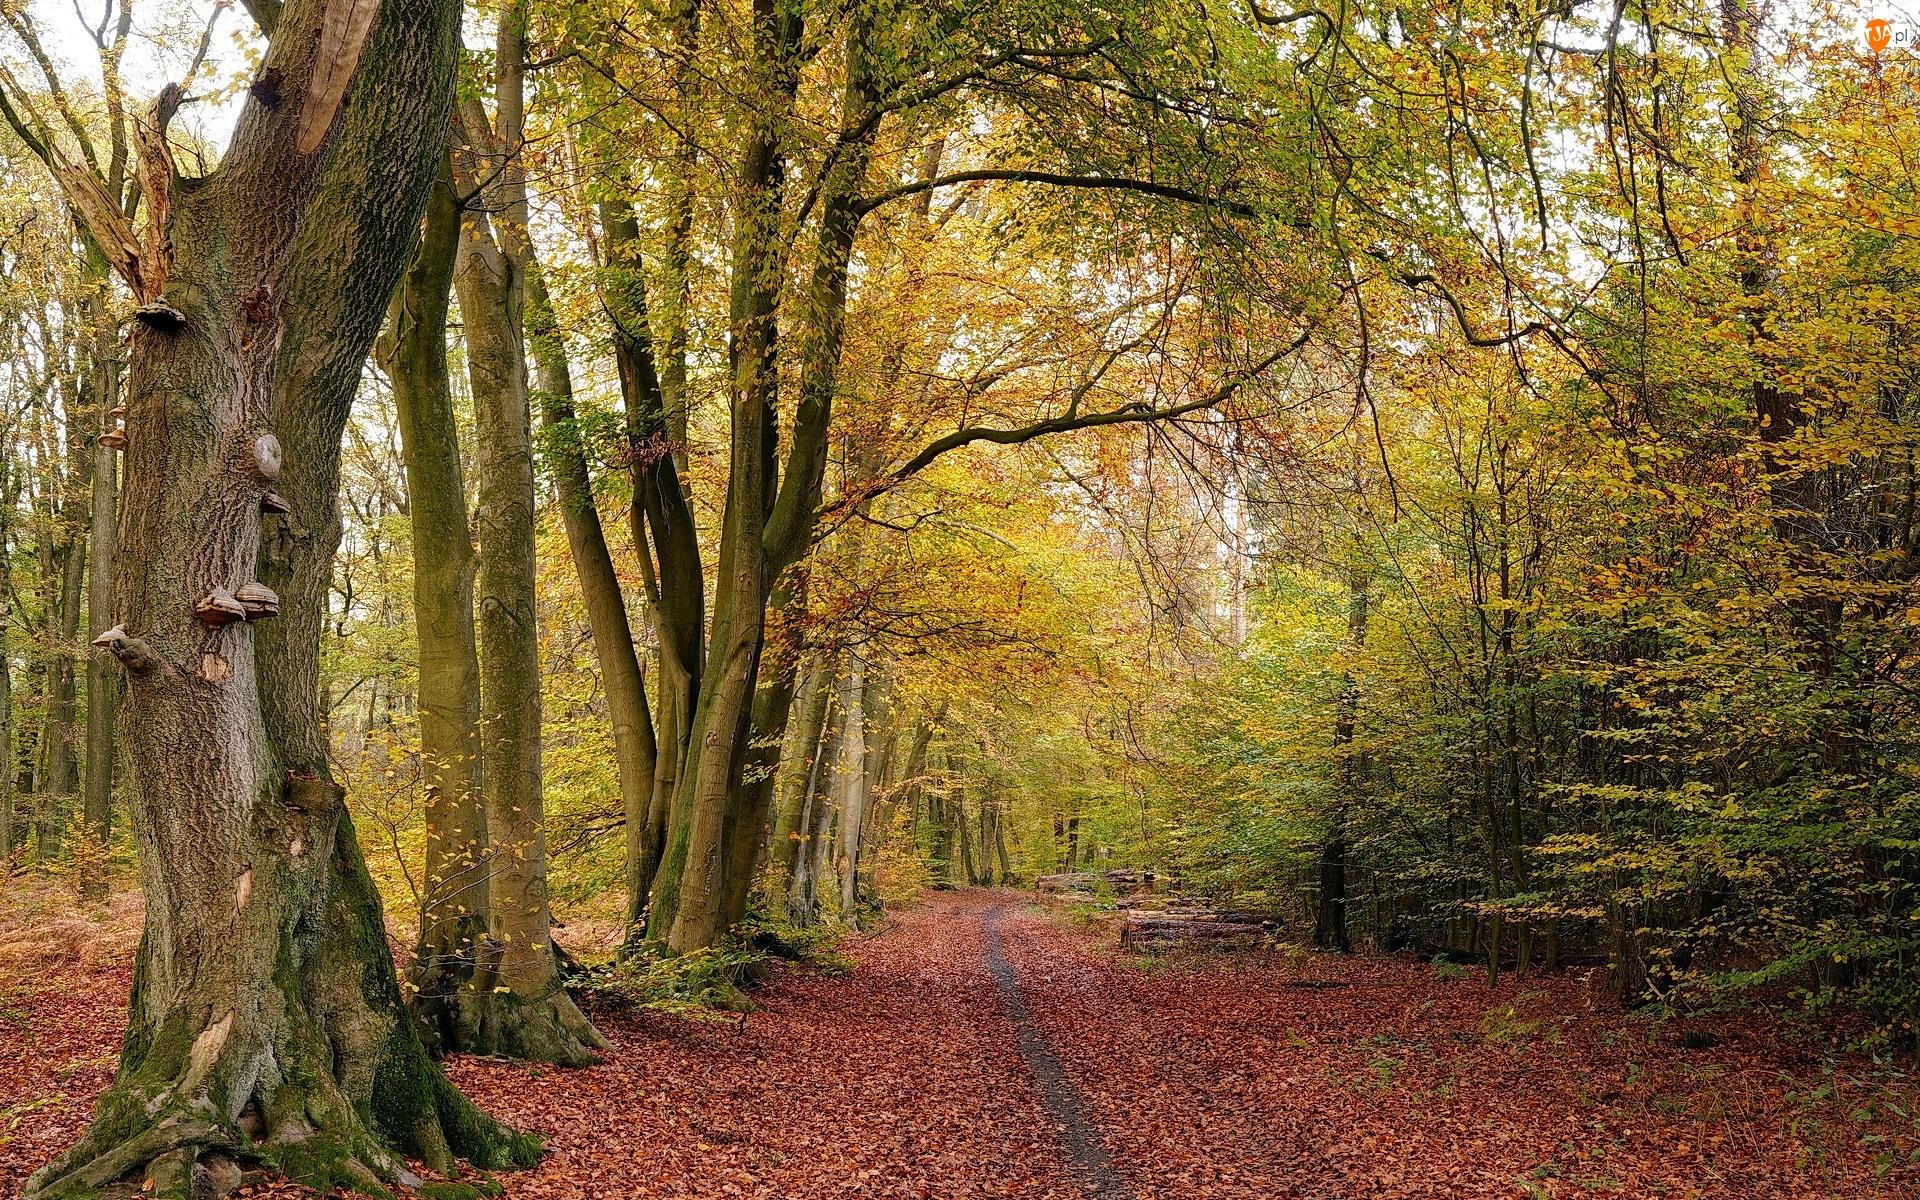 Ścieżka, Drzewa, Las, Jesień, Liście